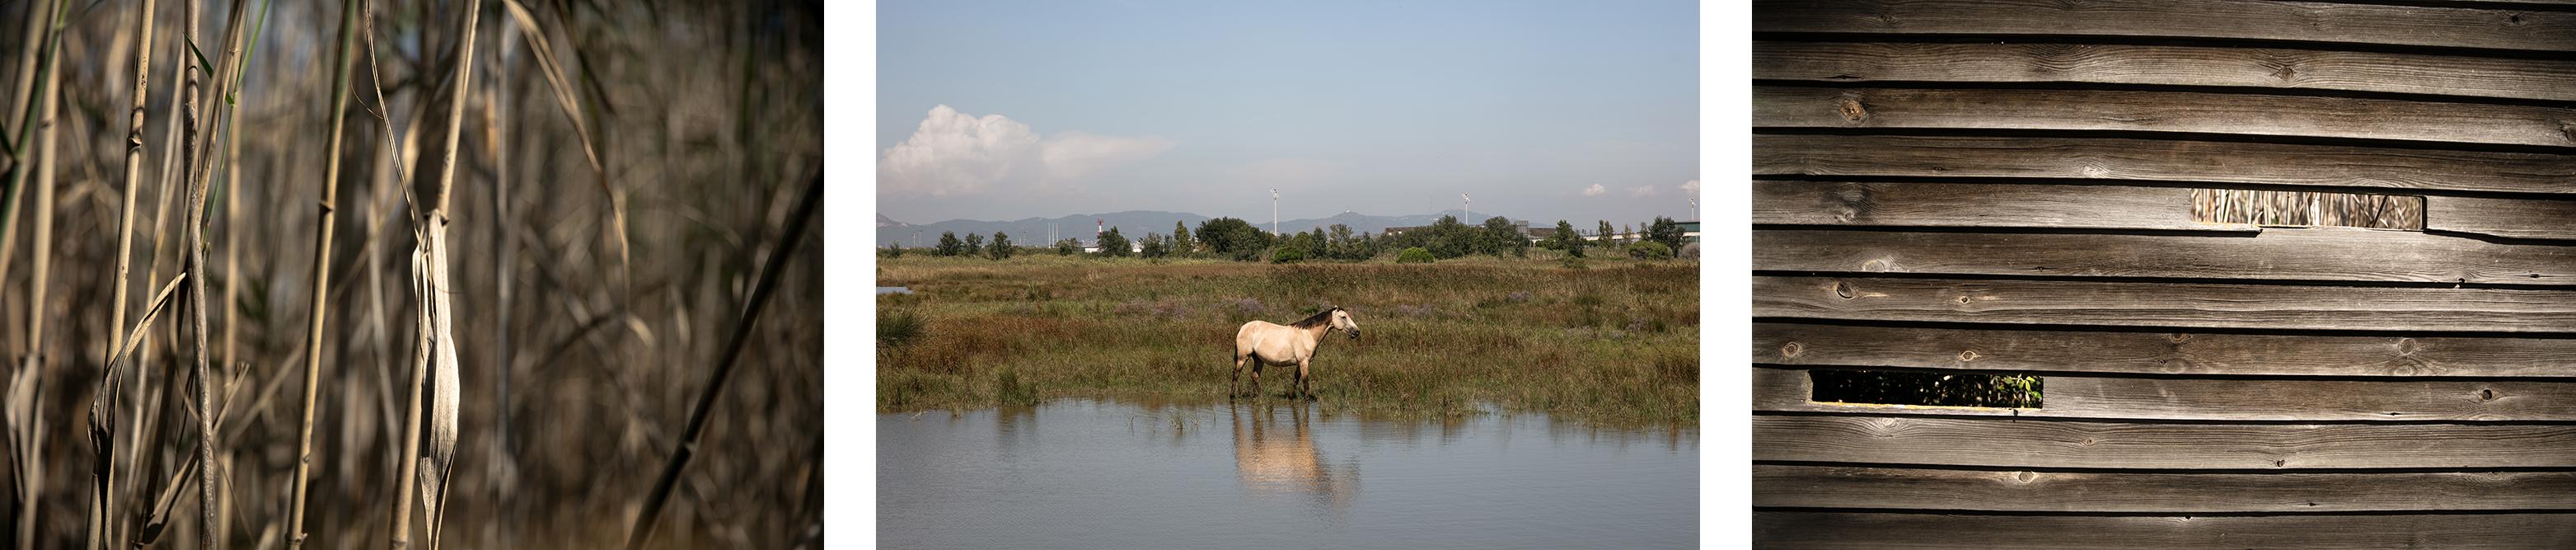 Visiter le Delta del llobregat